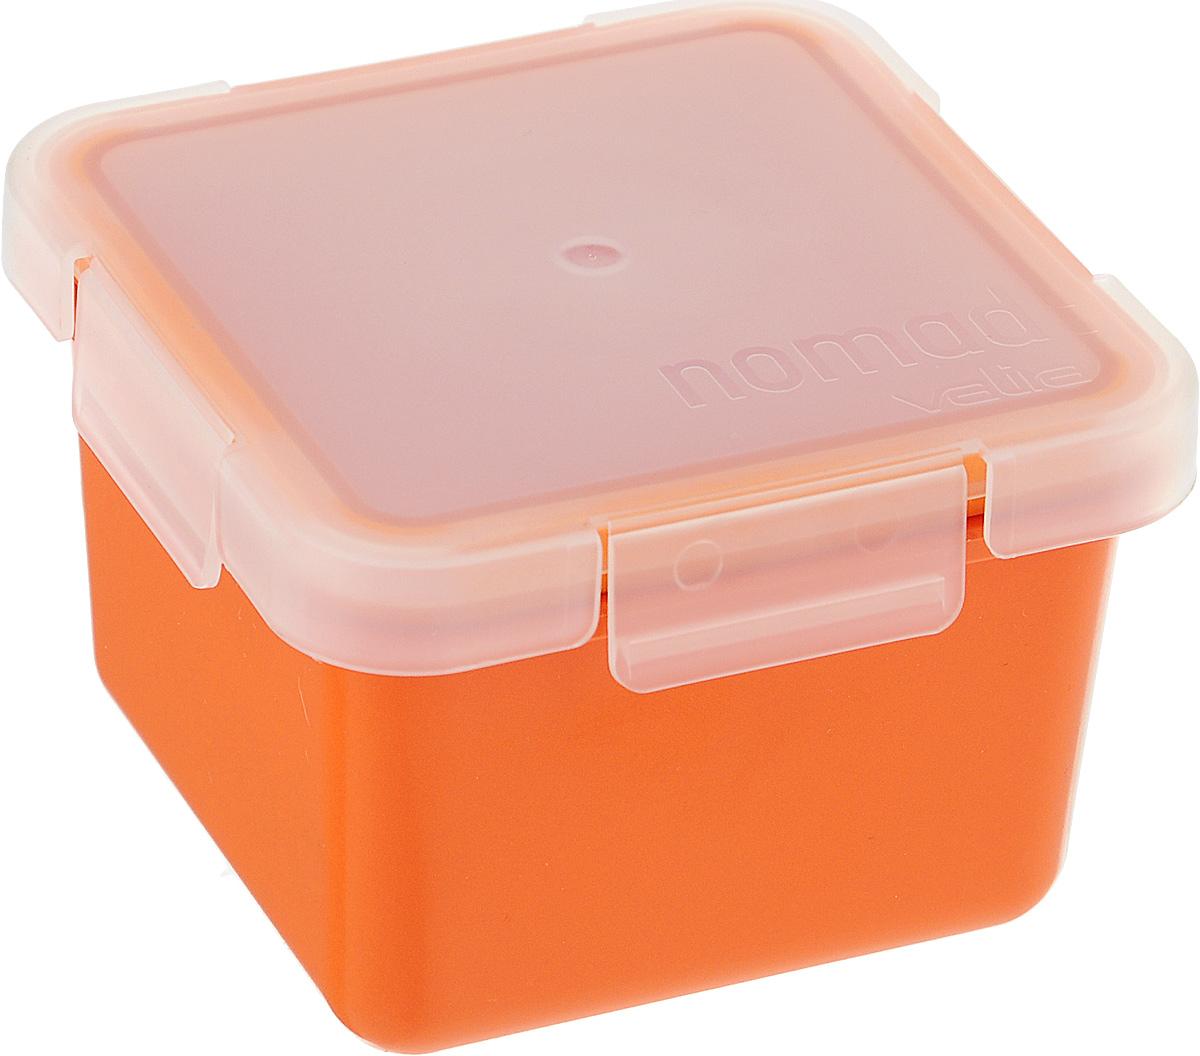 """Контейнер пищевой Valira """"Nomad"""", цвет: оранжевый, 0,4 л"""